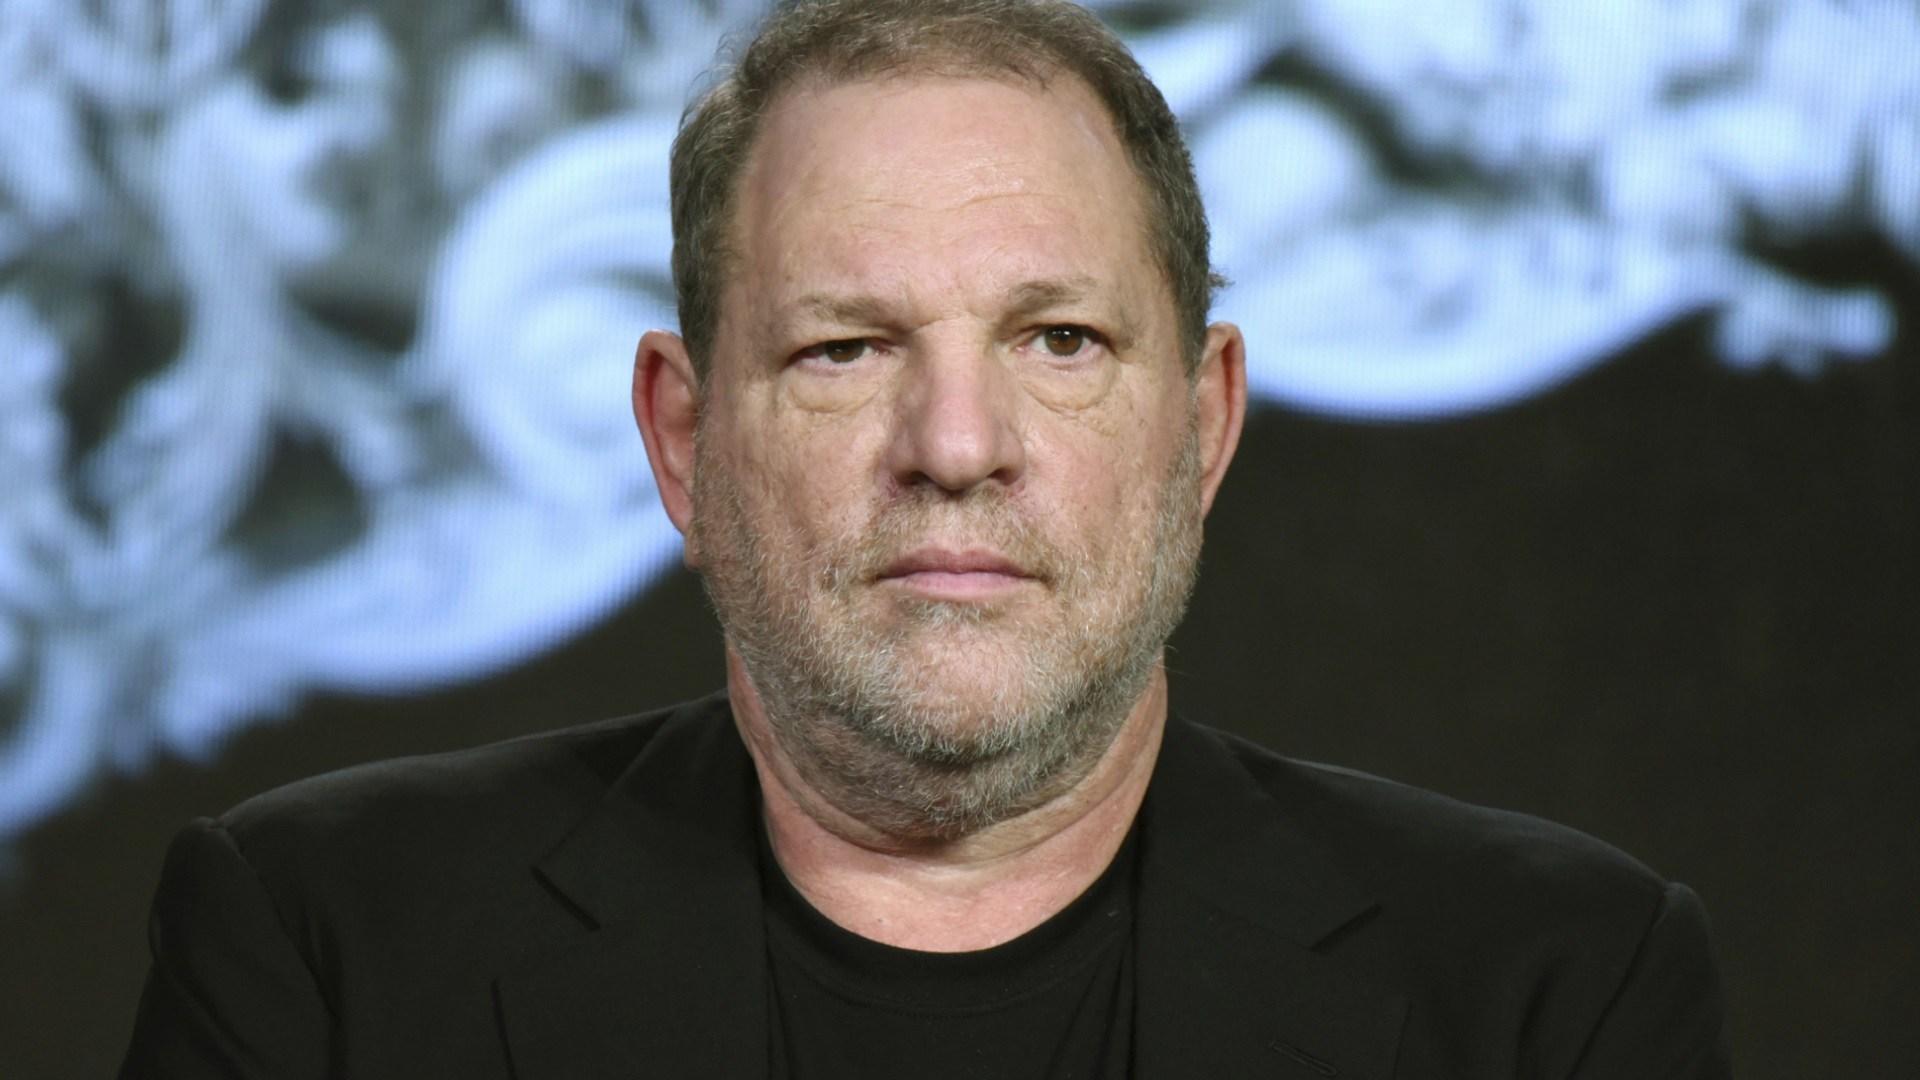 Harvey Weinstein: Scandal of the Century